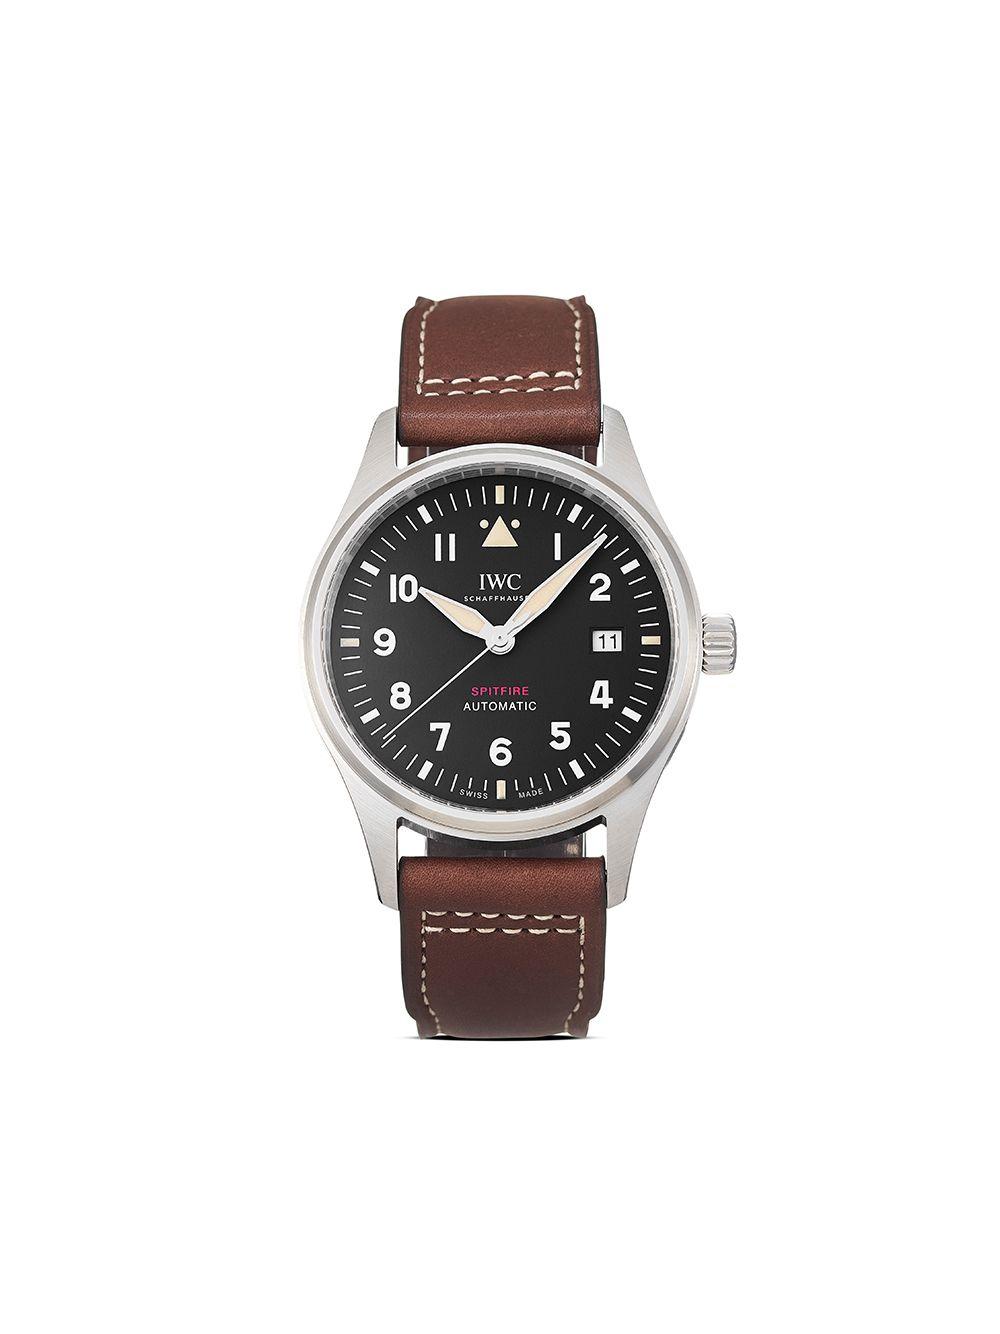 IWC Schaffhausen 2021 unworn Pilot's Watch Automatic Spitfire 39mm - Black